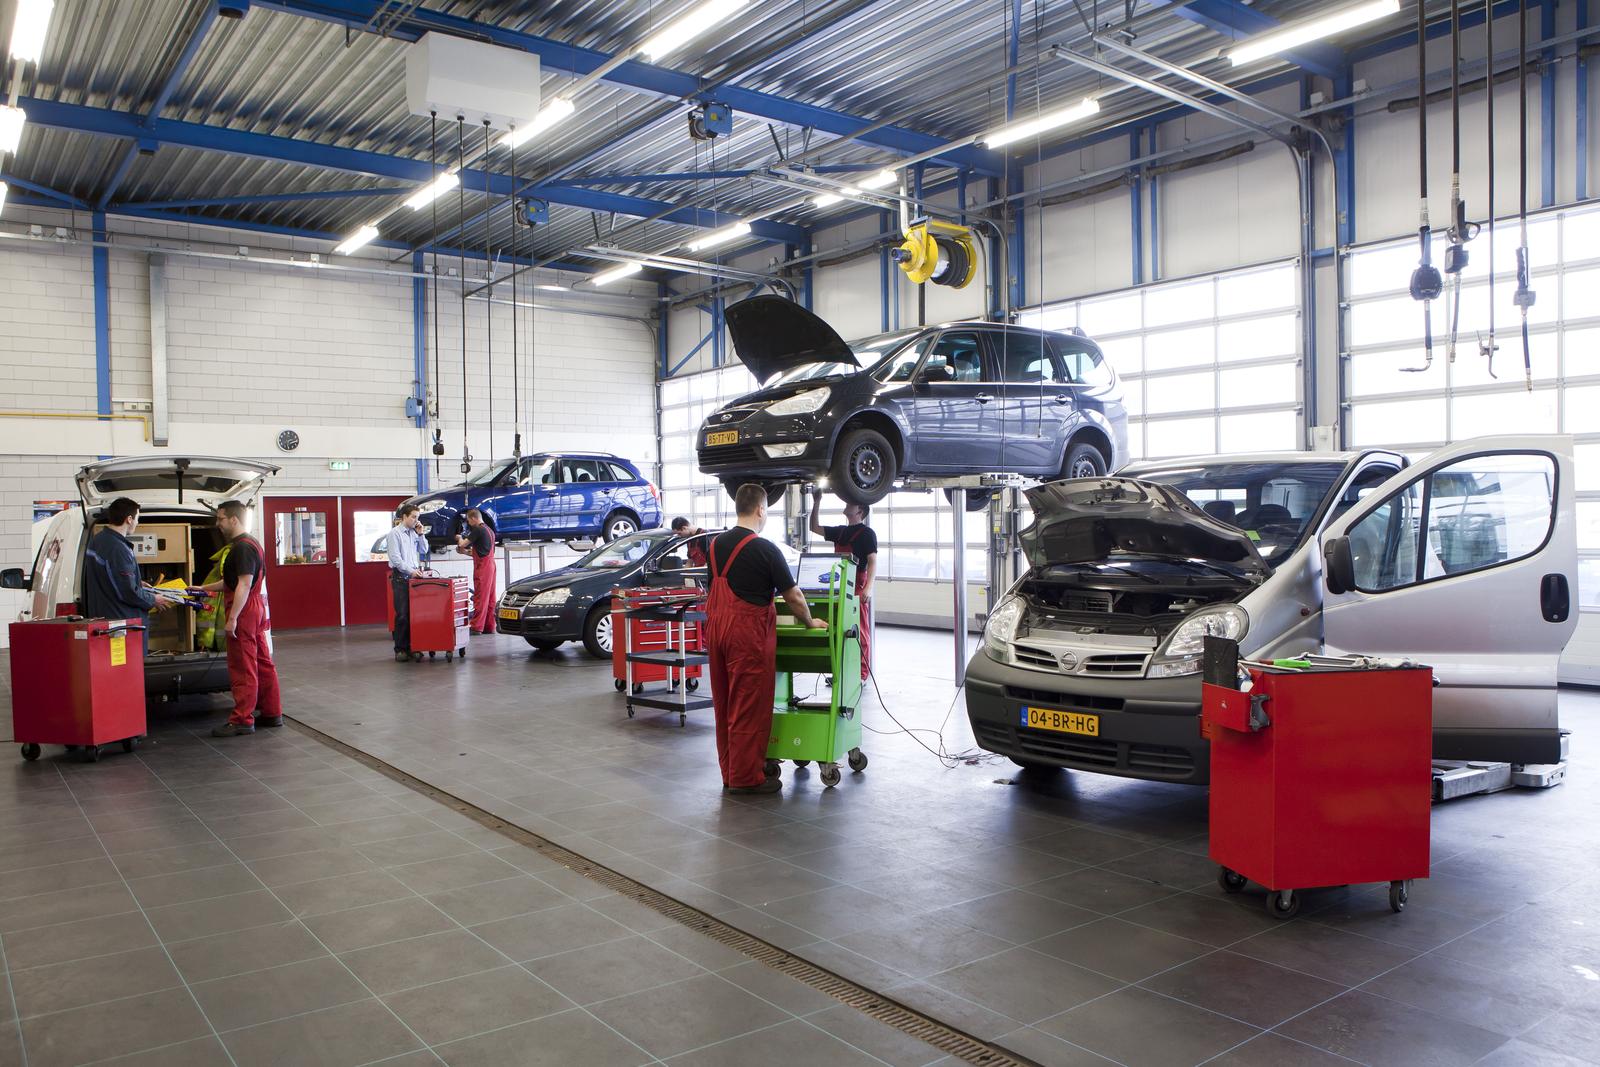 Autobedrijven positief over resultaten eerste helft 2016